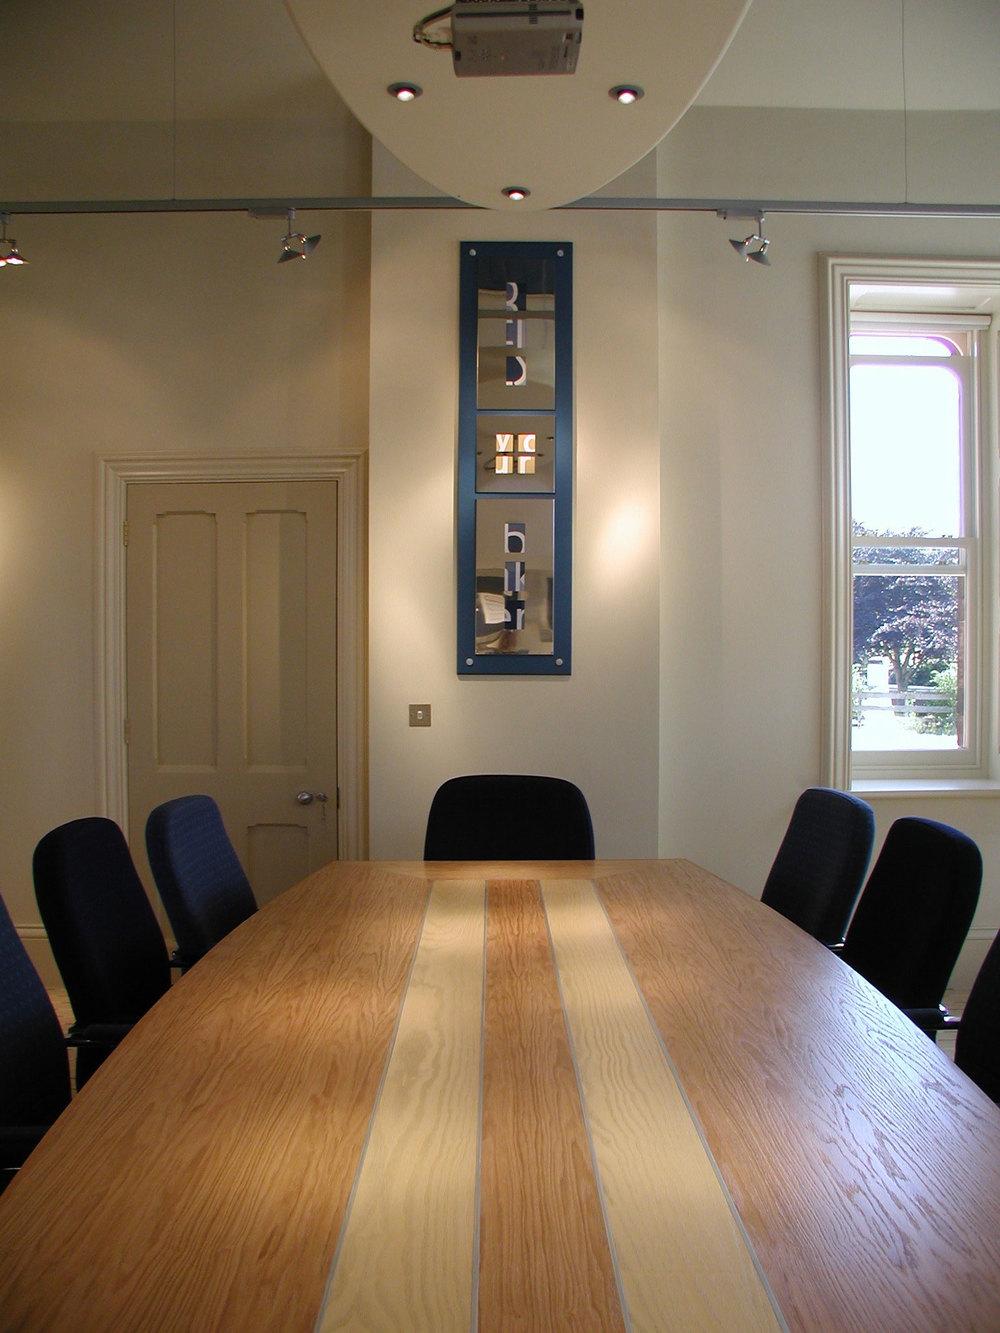 Bells-Conference-room.jpg